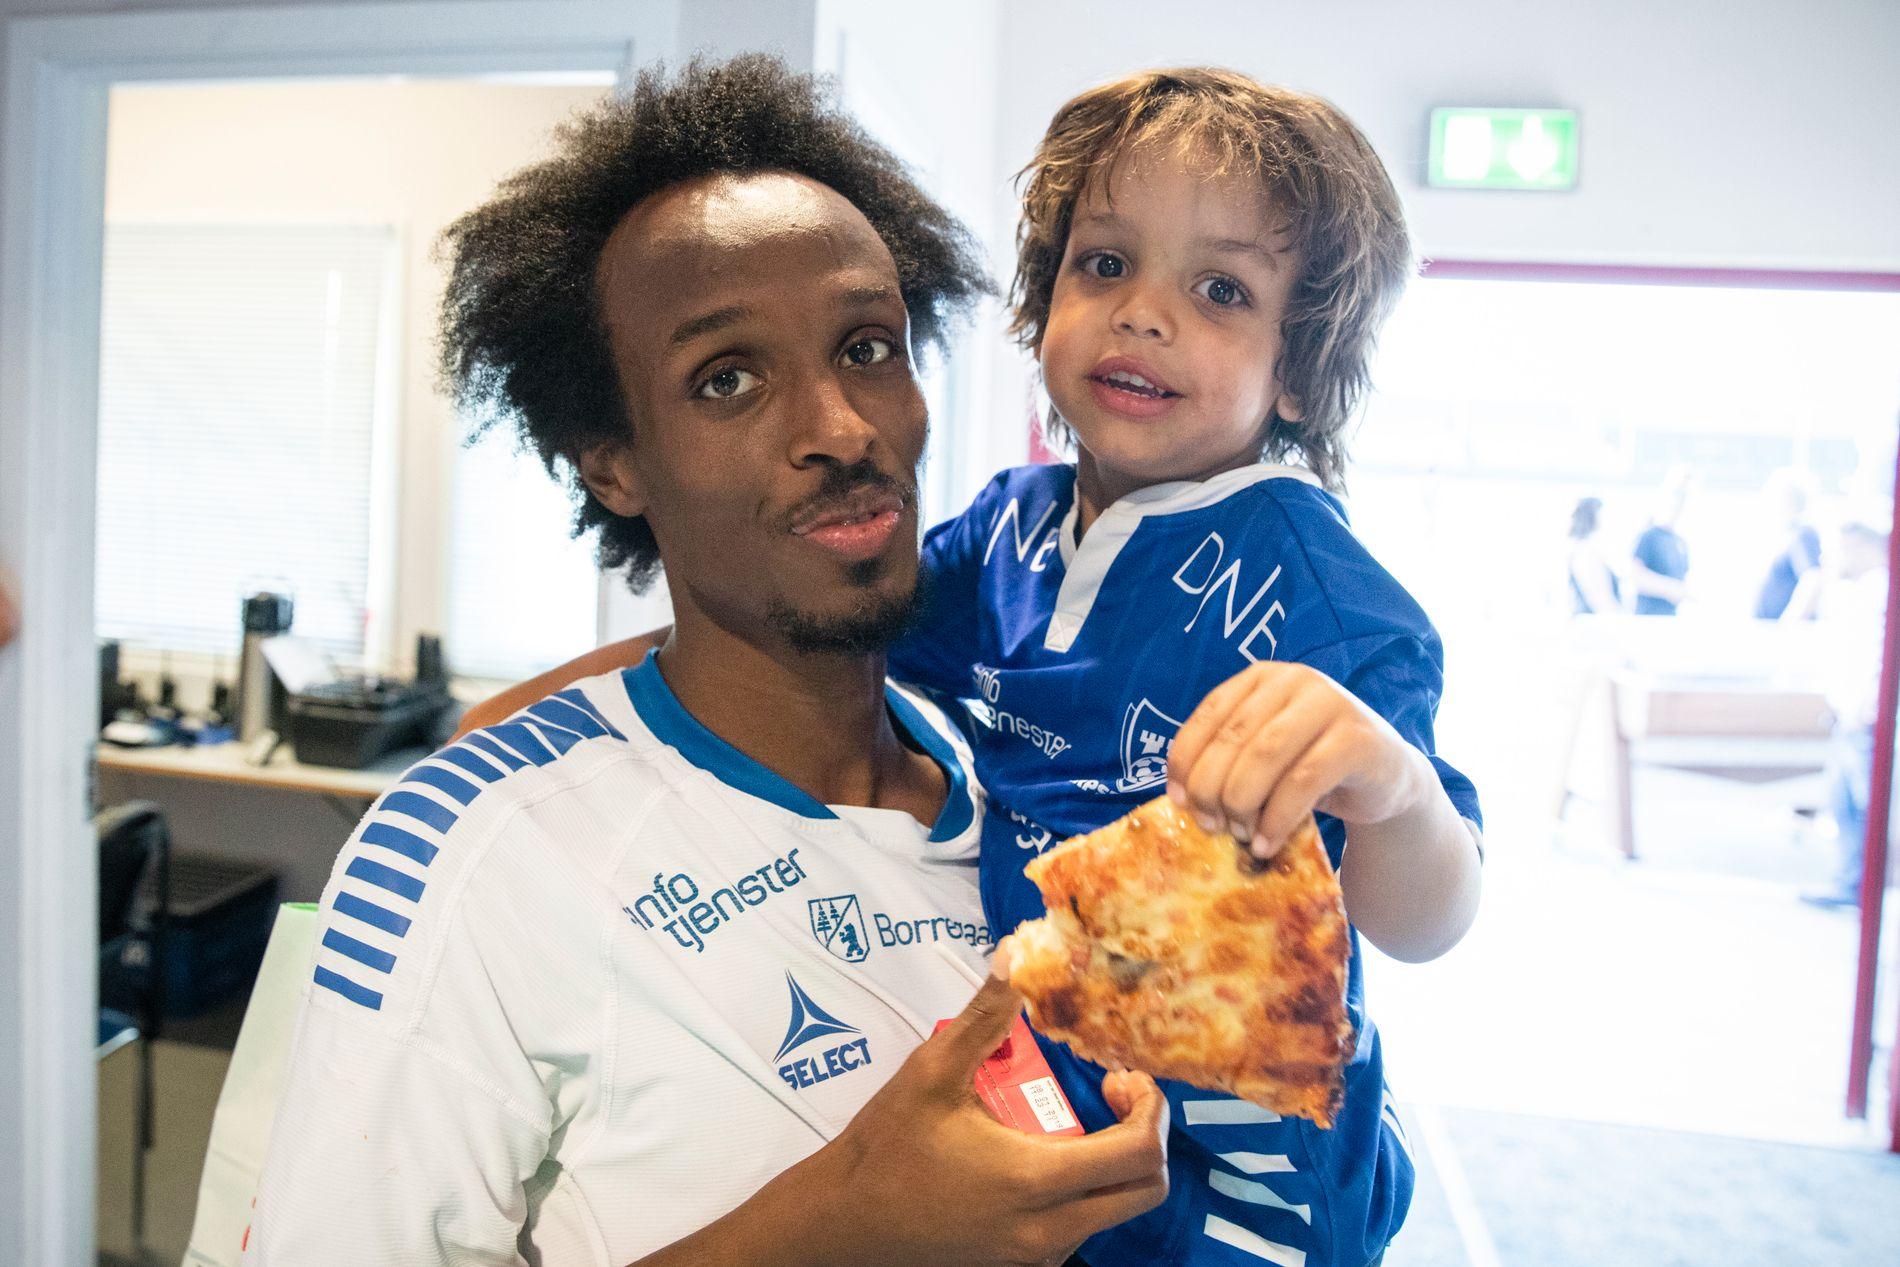 PIZZA-FEIRING: Amin Askar feiret med sønnen Benjamin og pizza etter storspill og to scoringer på 16. mai.